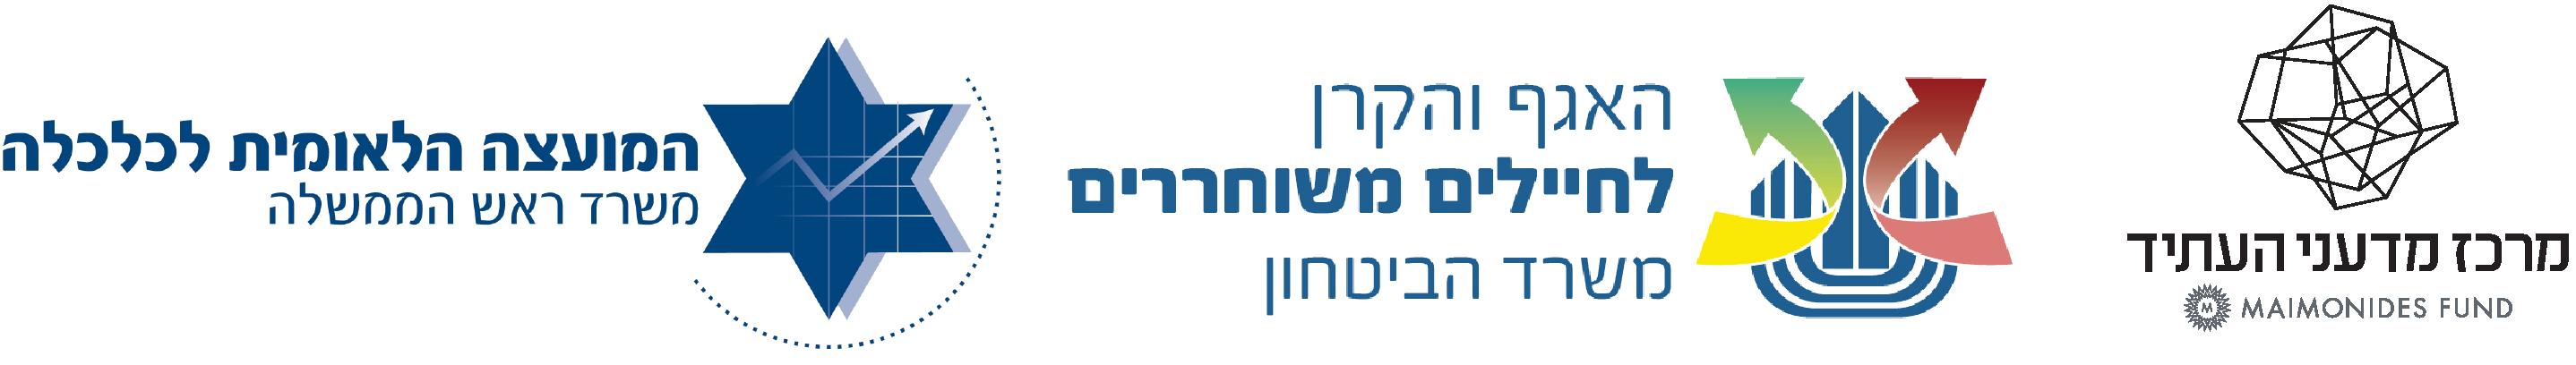 """הזנק להייטק - מכינות קדם אקדמיות מחזור תשפ""""ב - טופס השארת פרטים"""